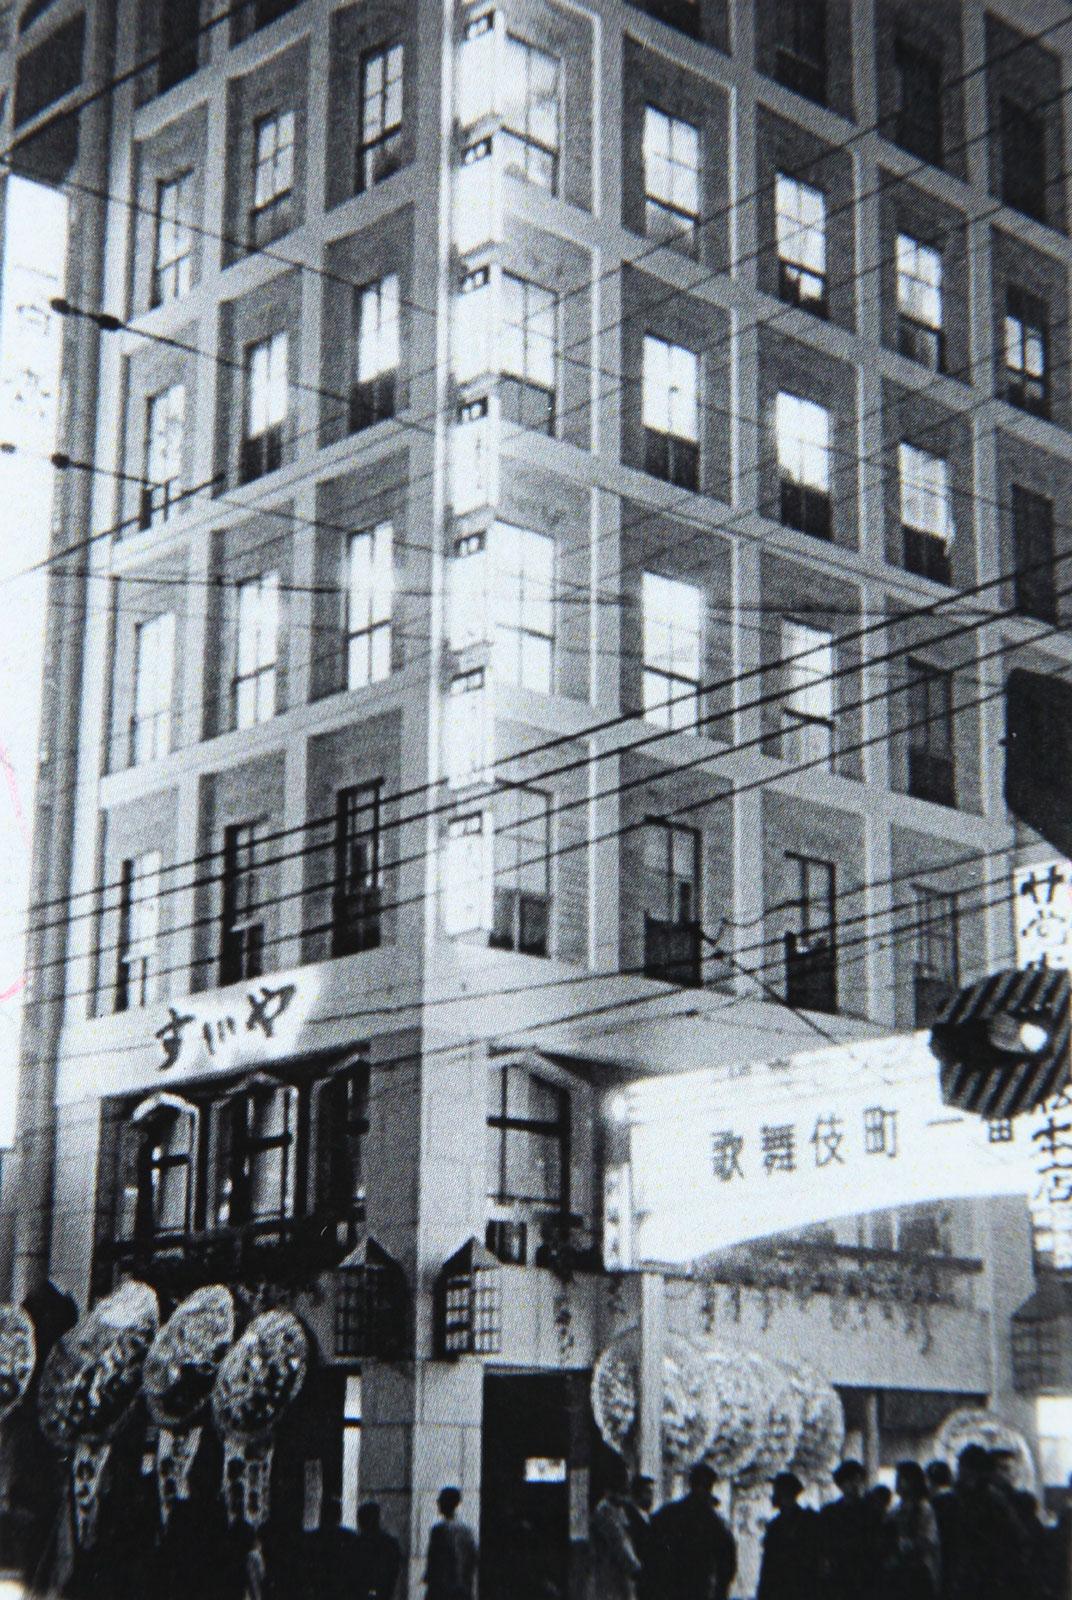 「すずや」移設後、劇場通りに新築されたビル